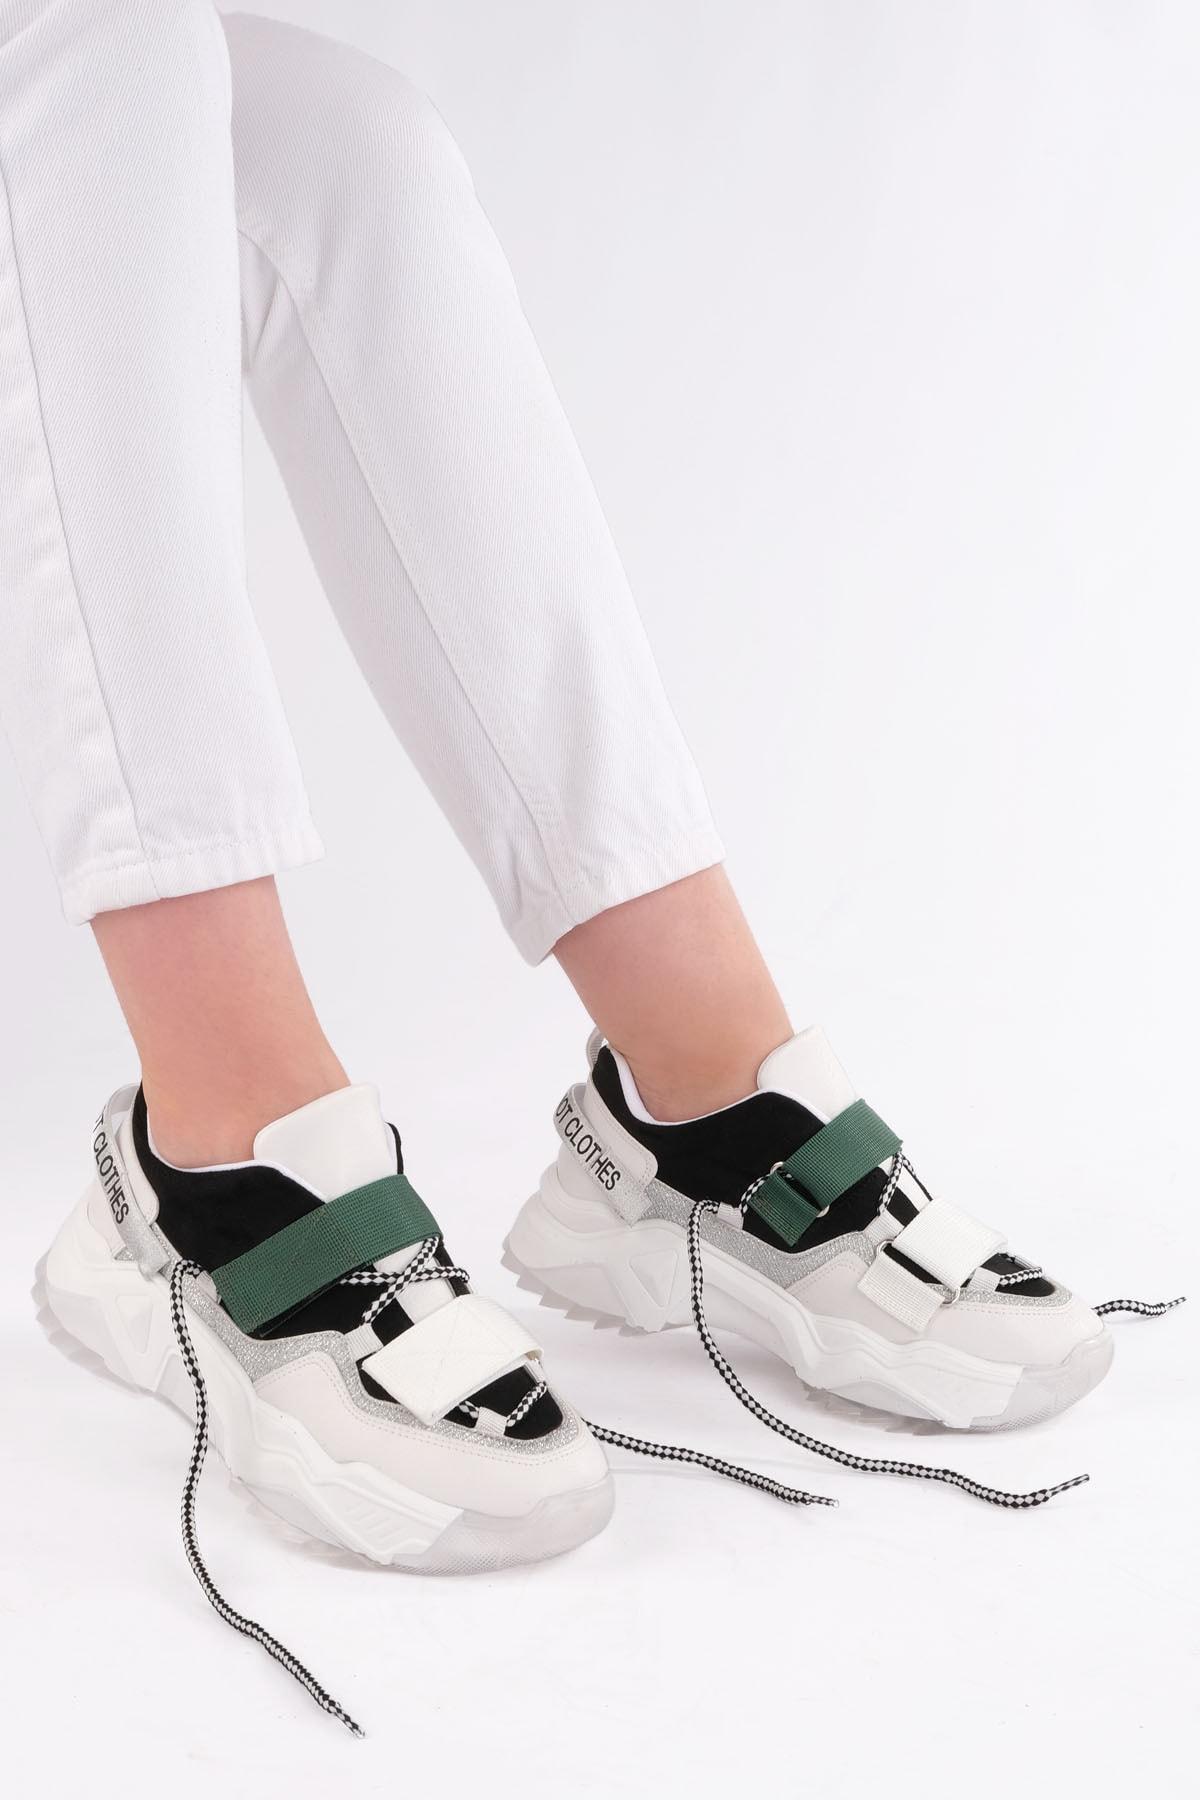 Marjin Cakir Kadın Dolgu Topuklu Sneaker Spor Ayakkabısiyah 1